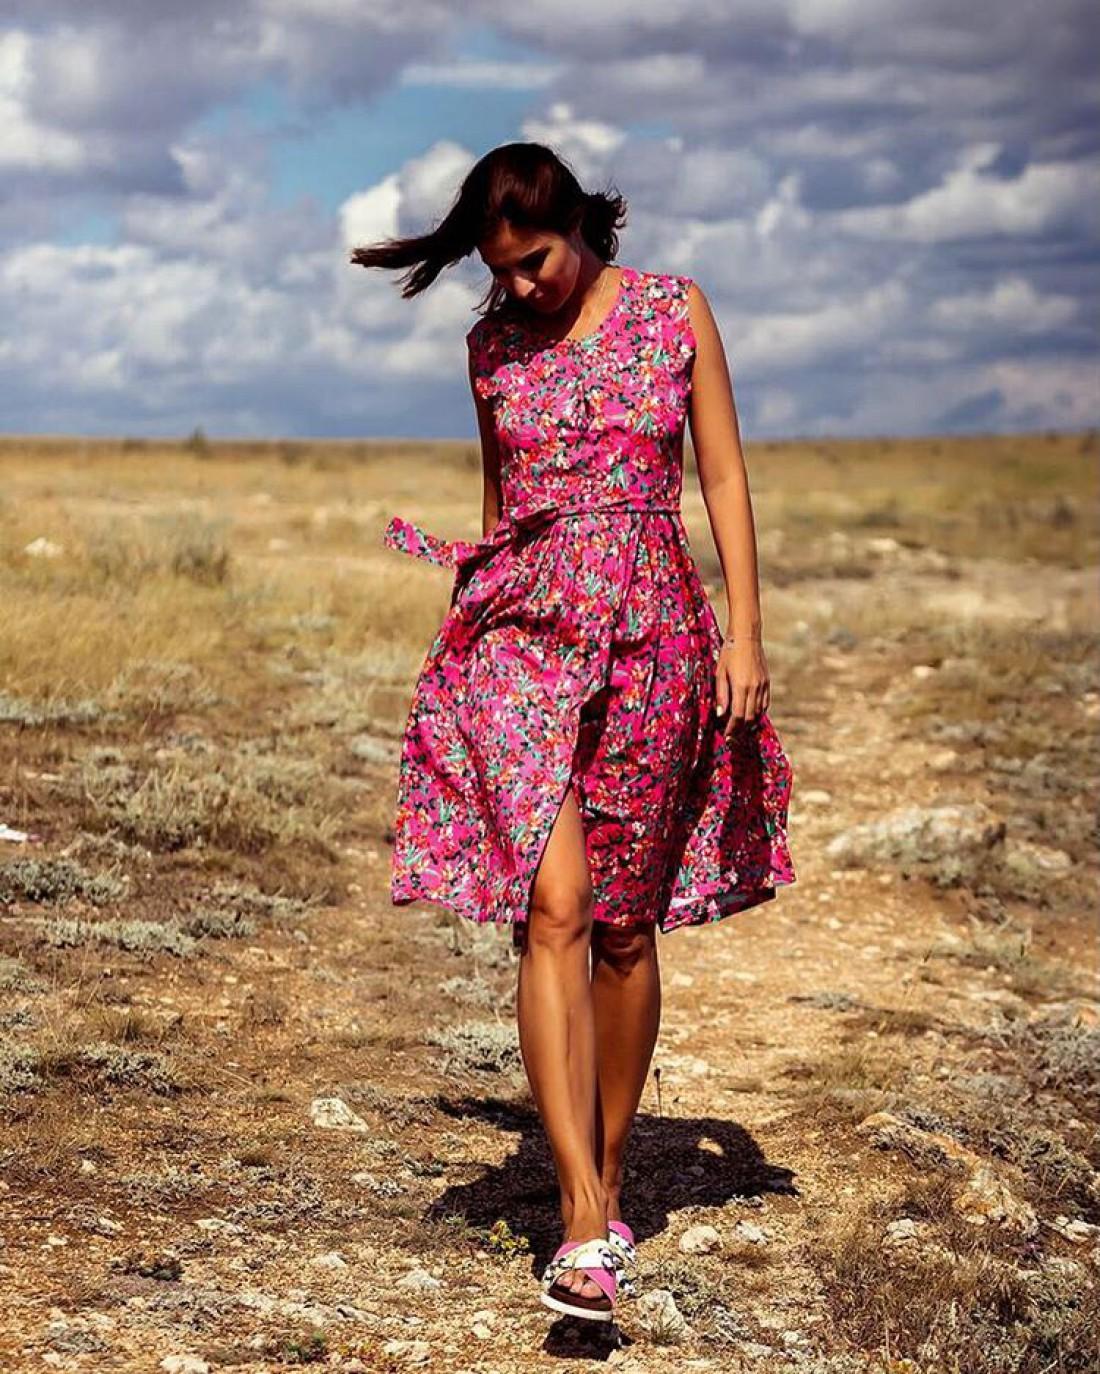 Таня Кравченко: Эстетика К4 заключается в изысканной простоте